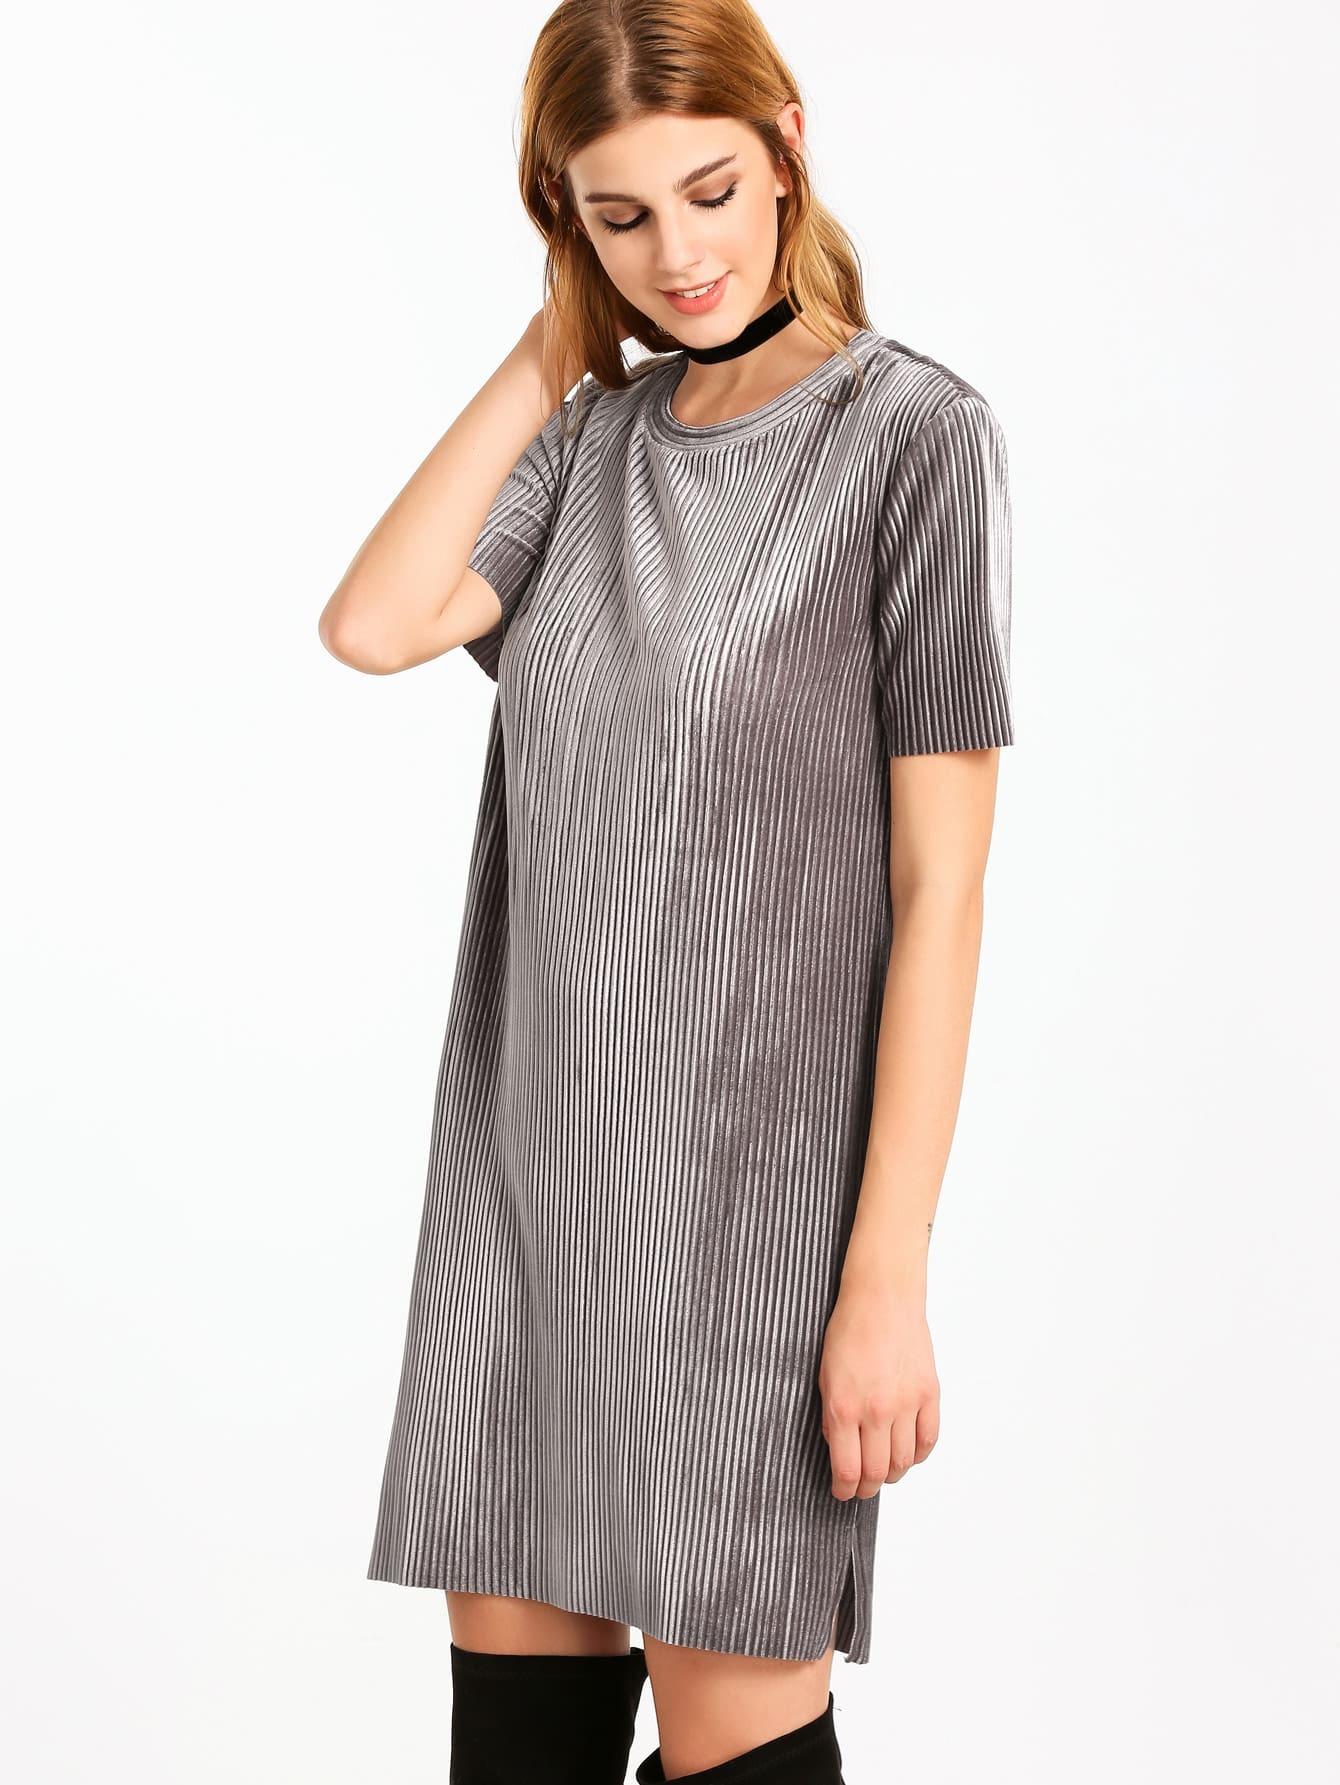 dress161125715_2